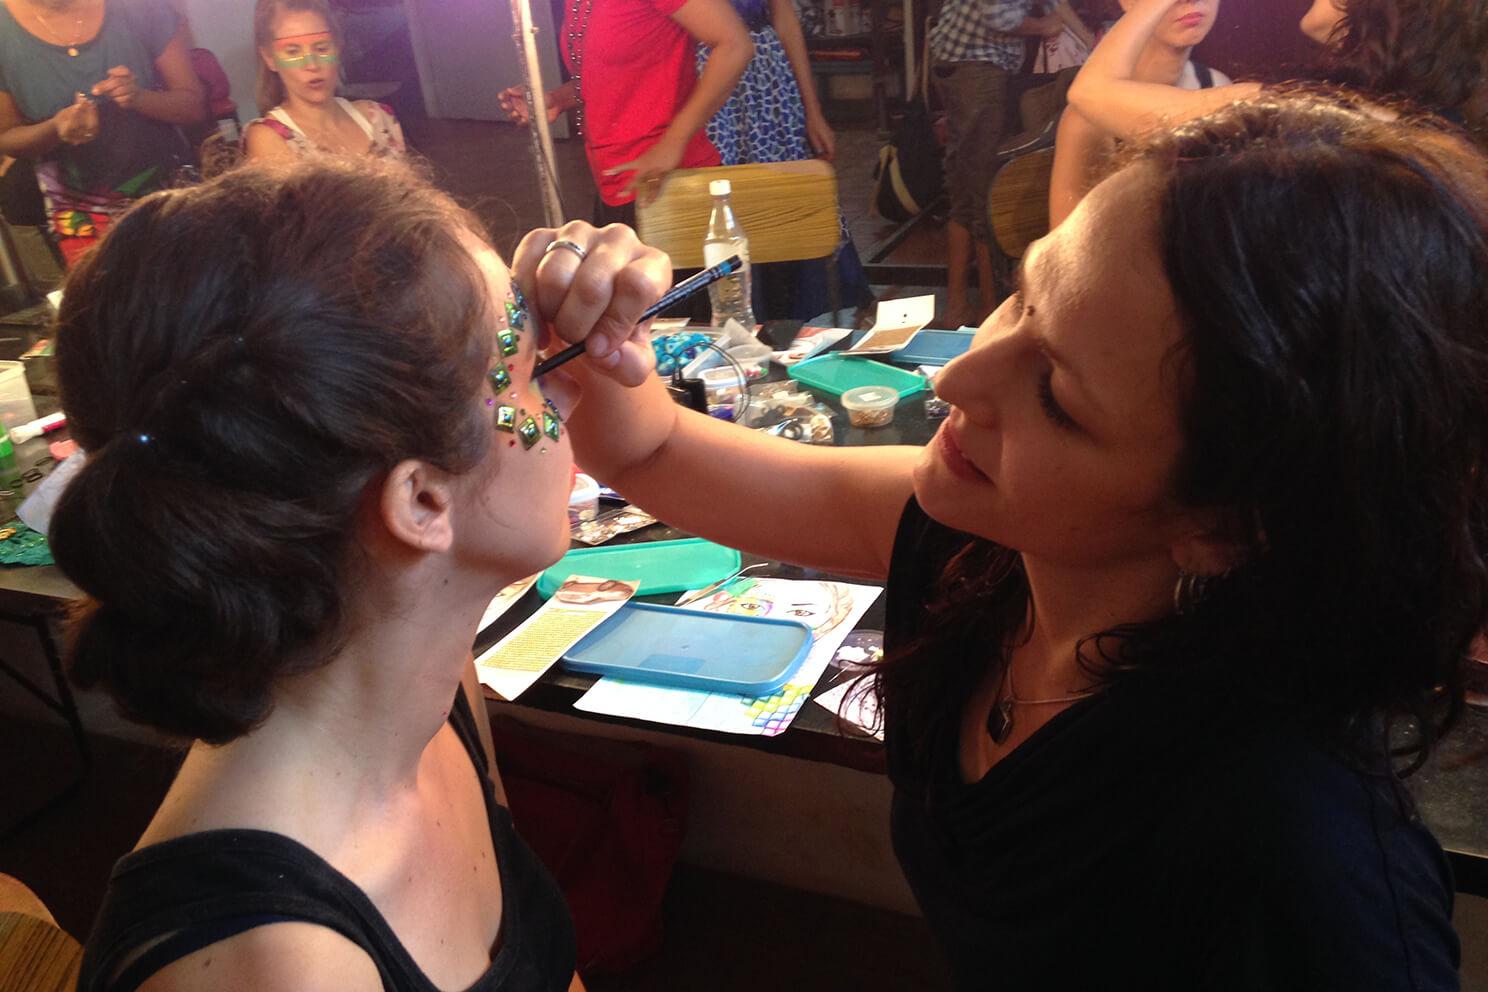 Melissa de Valera crée un maquillage artistique pendant un défilé takla makan slow fashion à Auroville en Inde